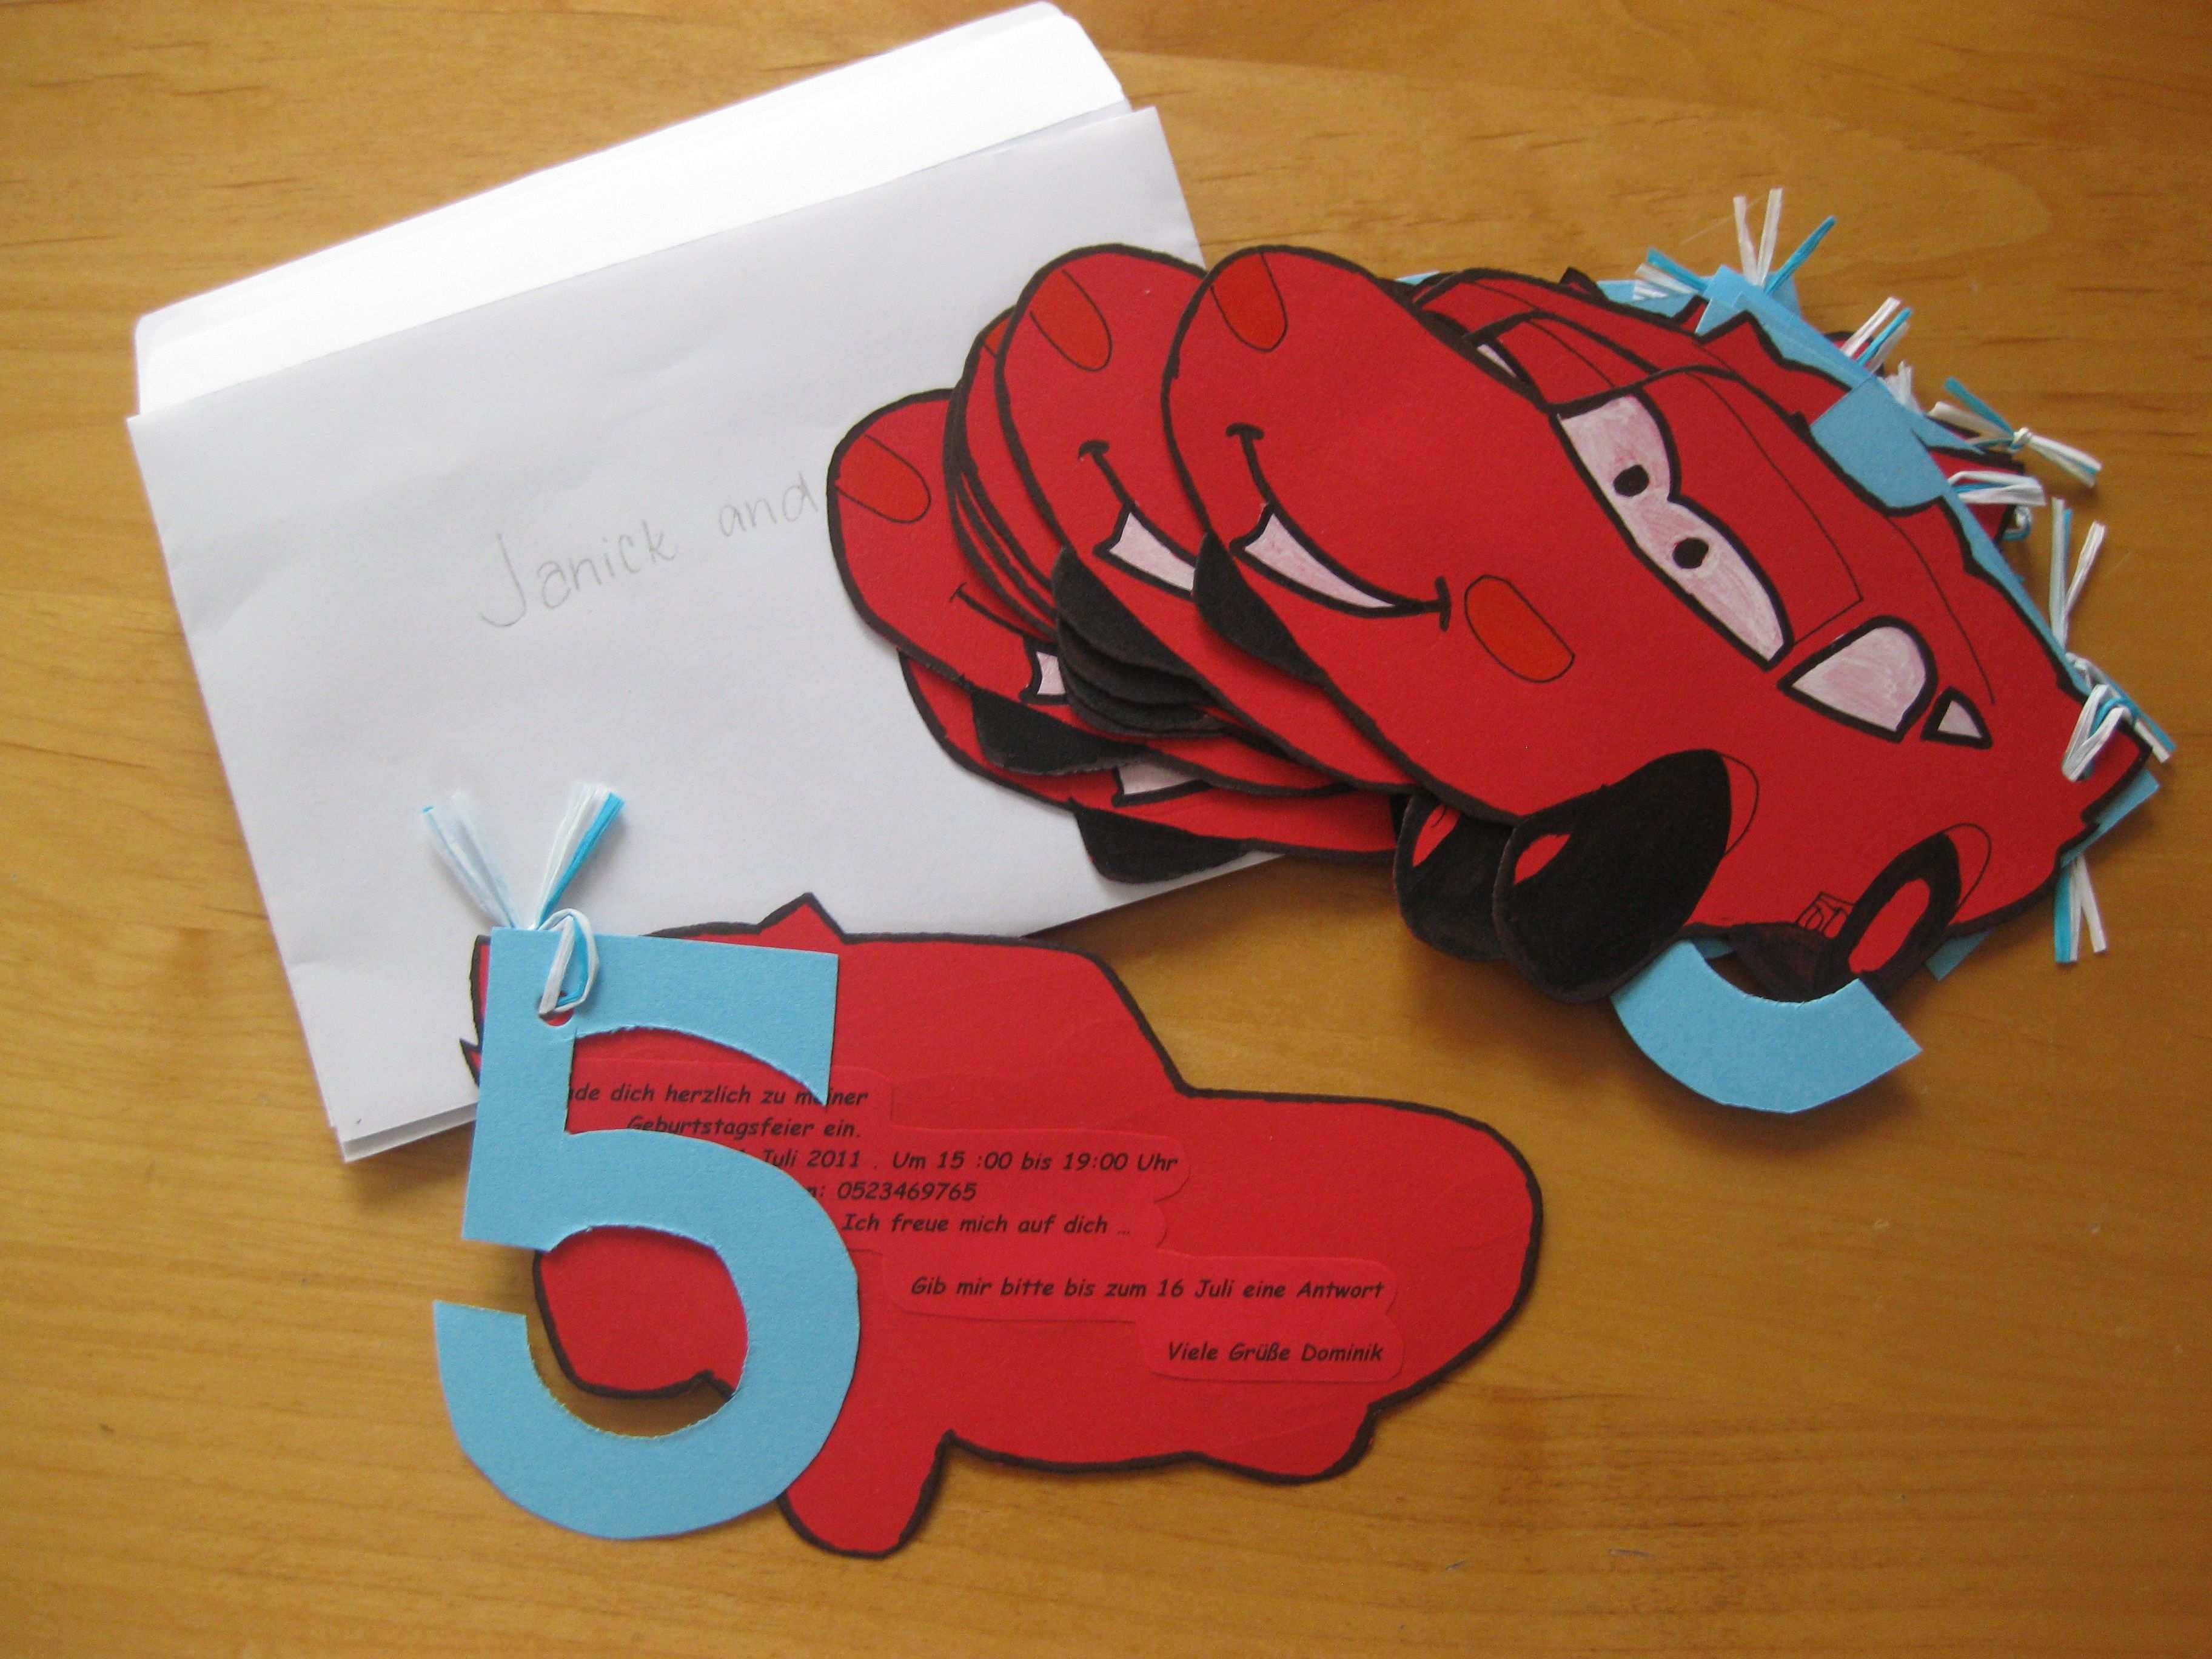 Cars Invitation Cards Einladungskarten Kindergeburtstag Selber Basteln Einladungskarten Kindergeburtstag Einladungskarten Kindergeburtstag Basteln